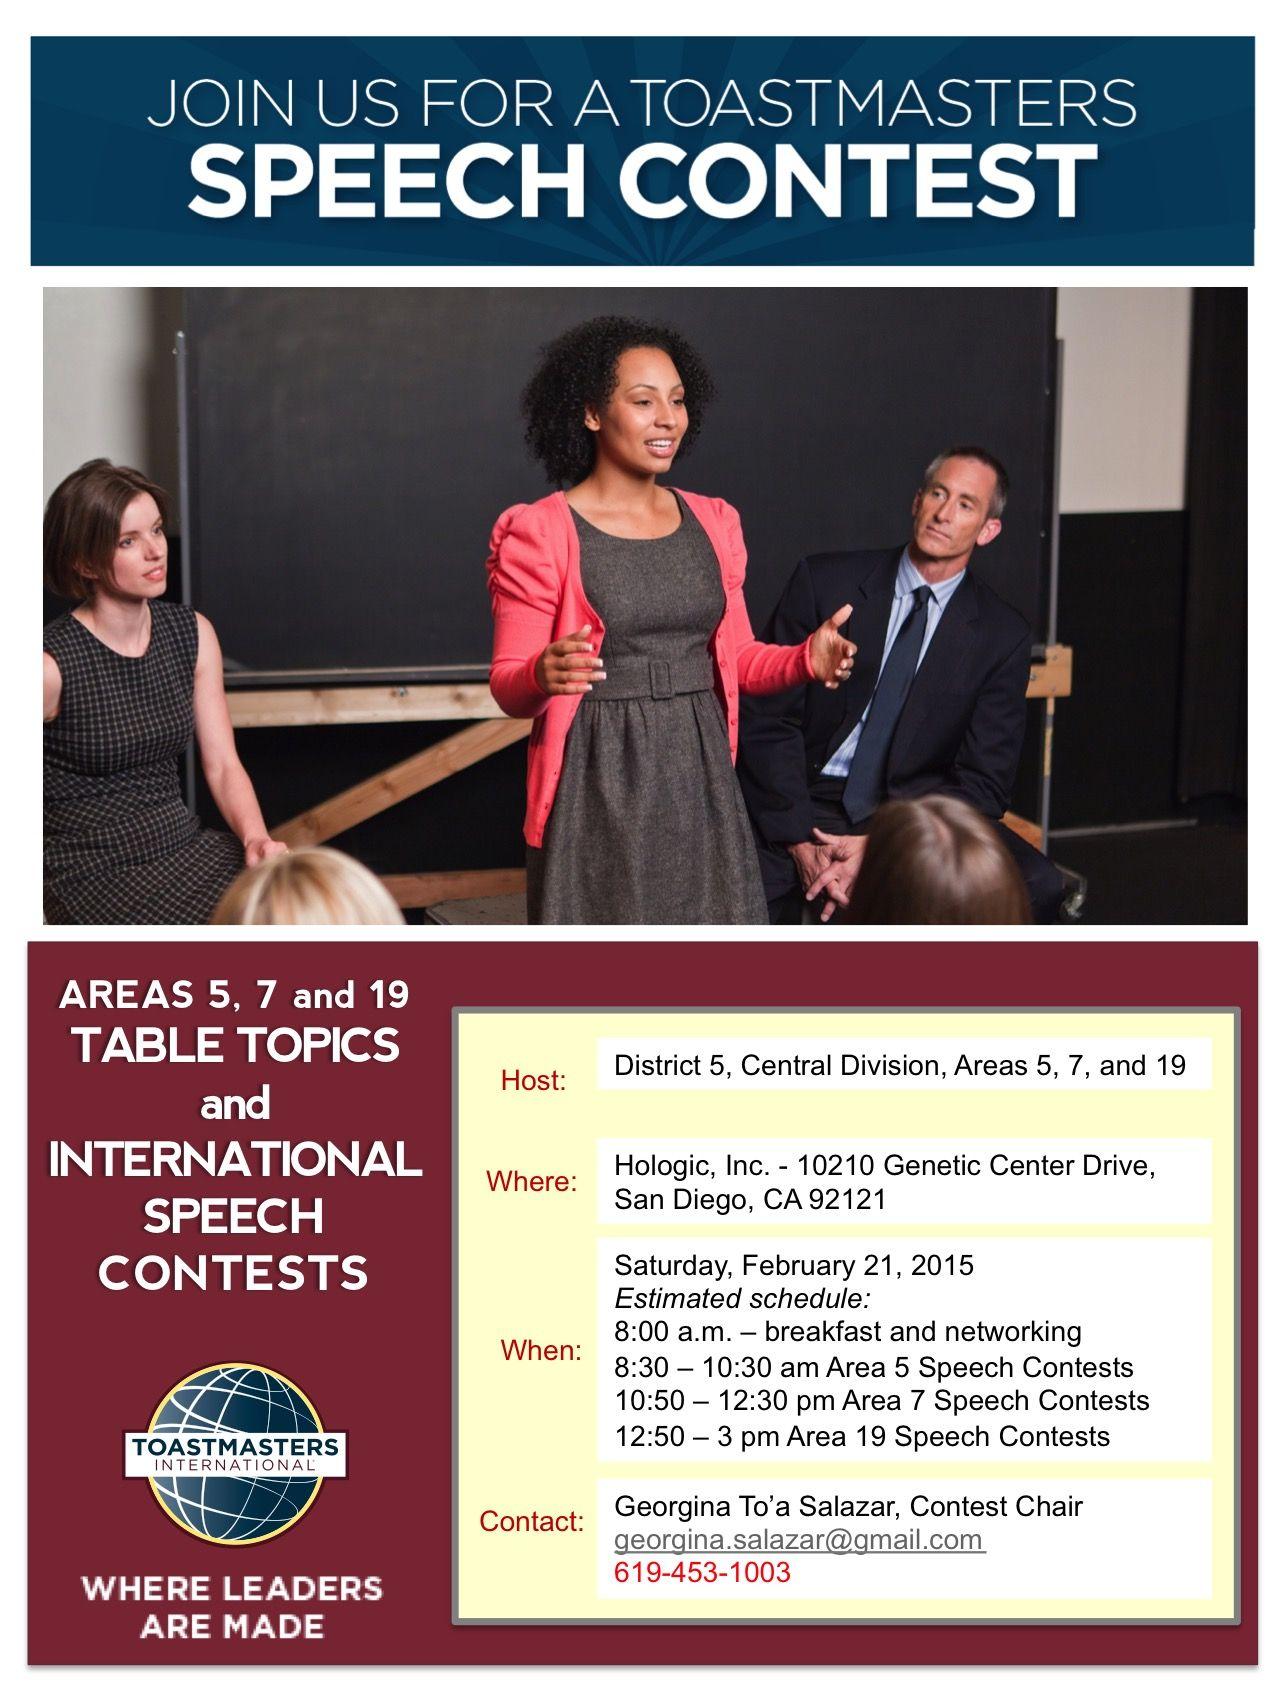 Areas 5 7 19 Spring Contest 2015 Public Speaking Community Organizing Contest